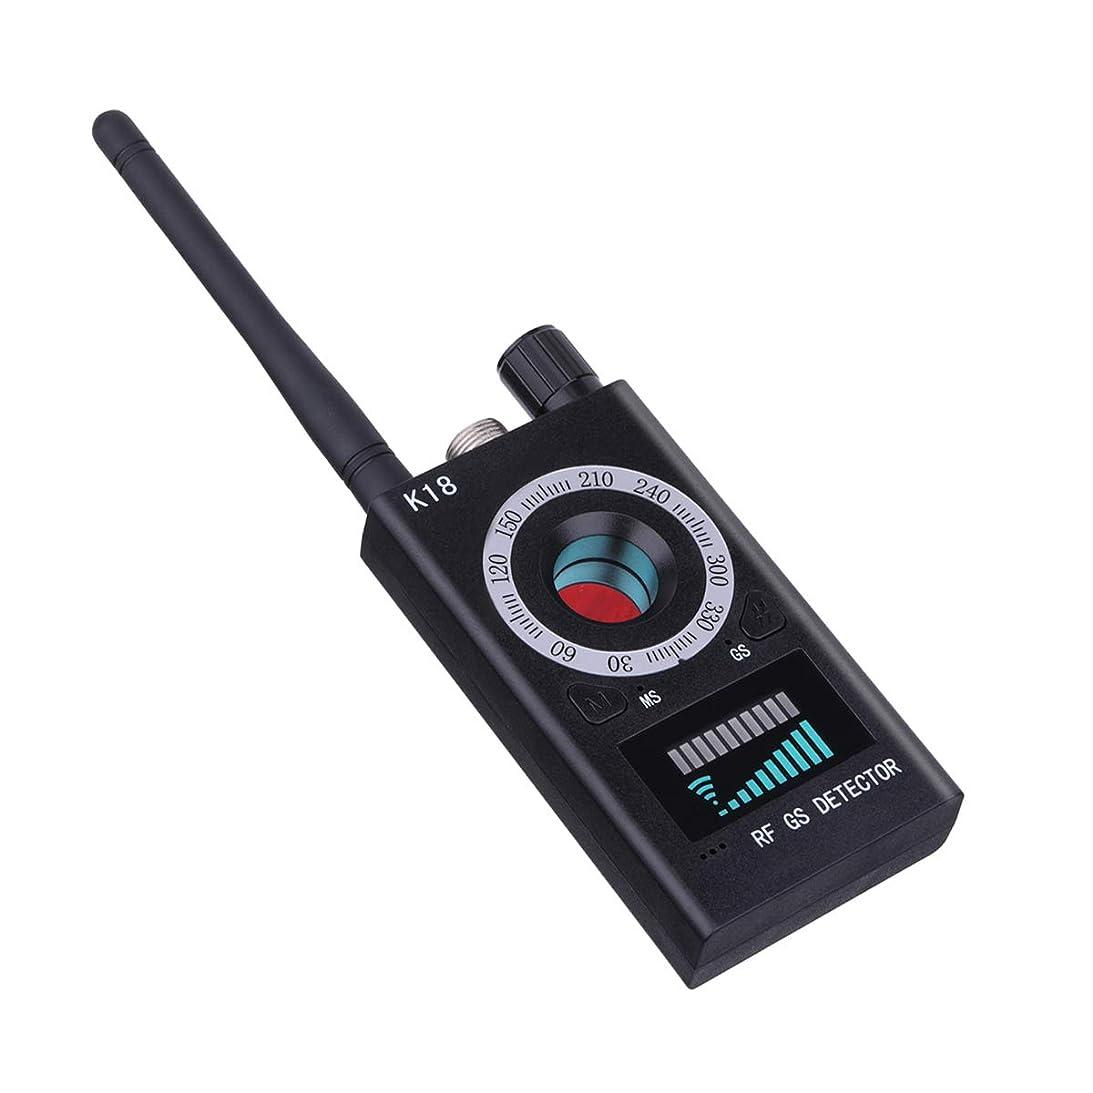 お金引くそのMYRIANN 隠しカメラ盗聴盗撮器発見器 GPS追跡設備 無線電波 盗聴盗撮 検知器 盗聴盗撮防止 日本語説明書付き(ブラック)